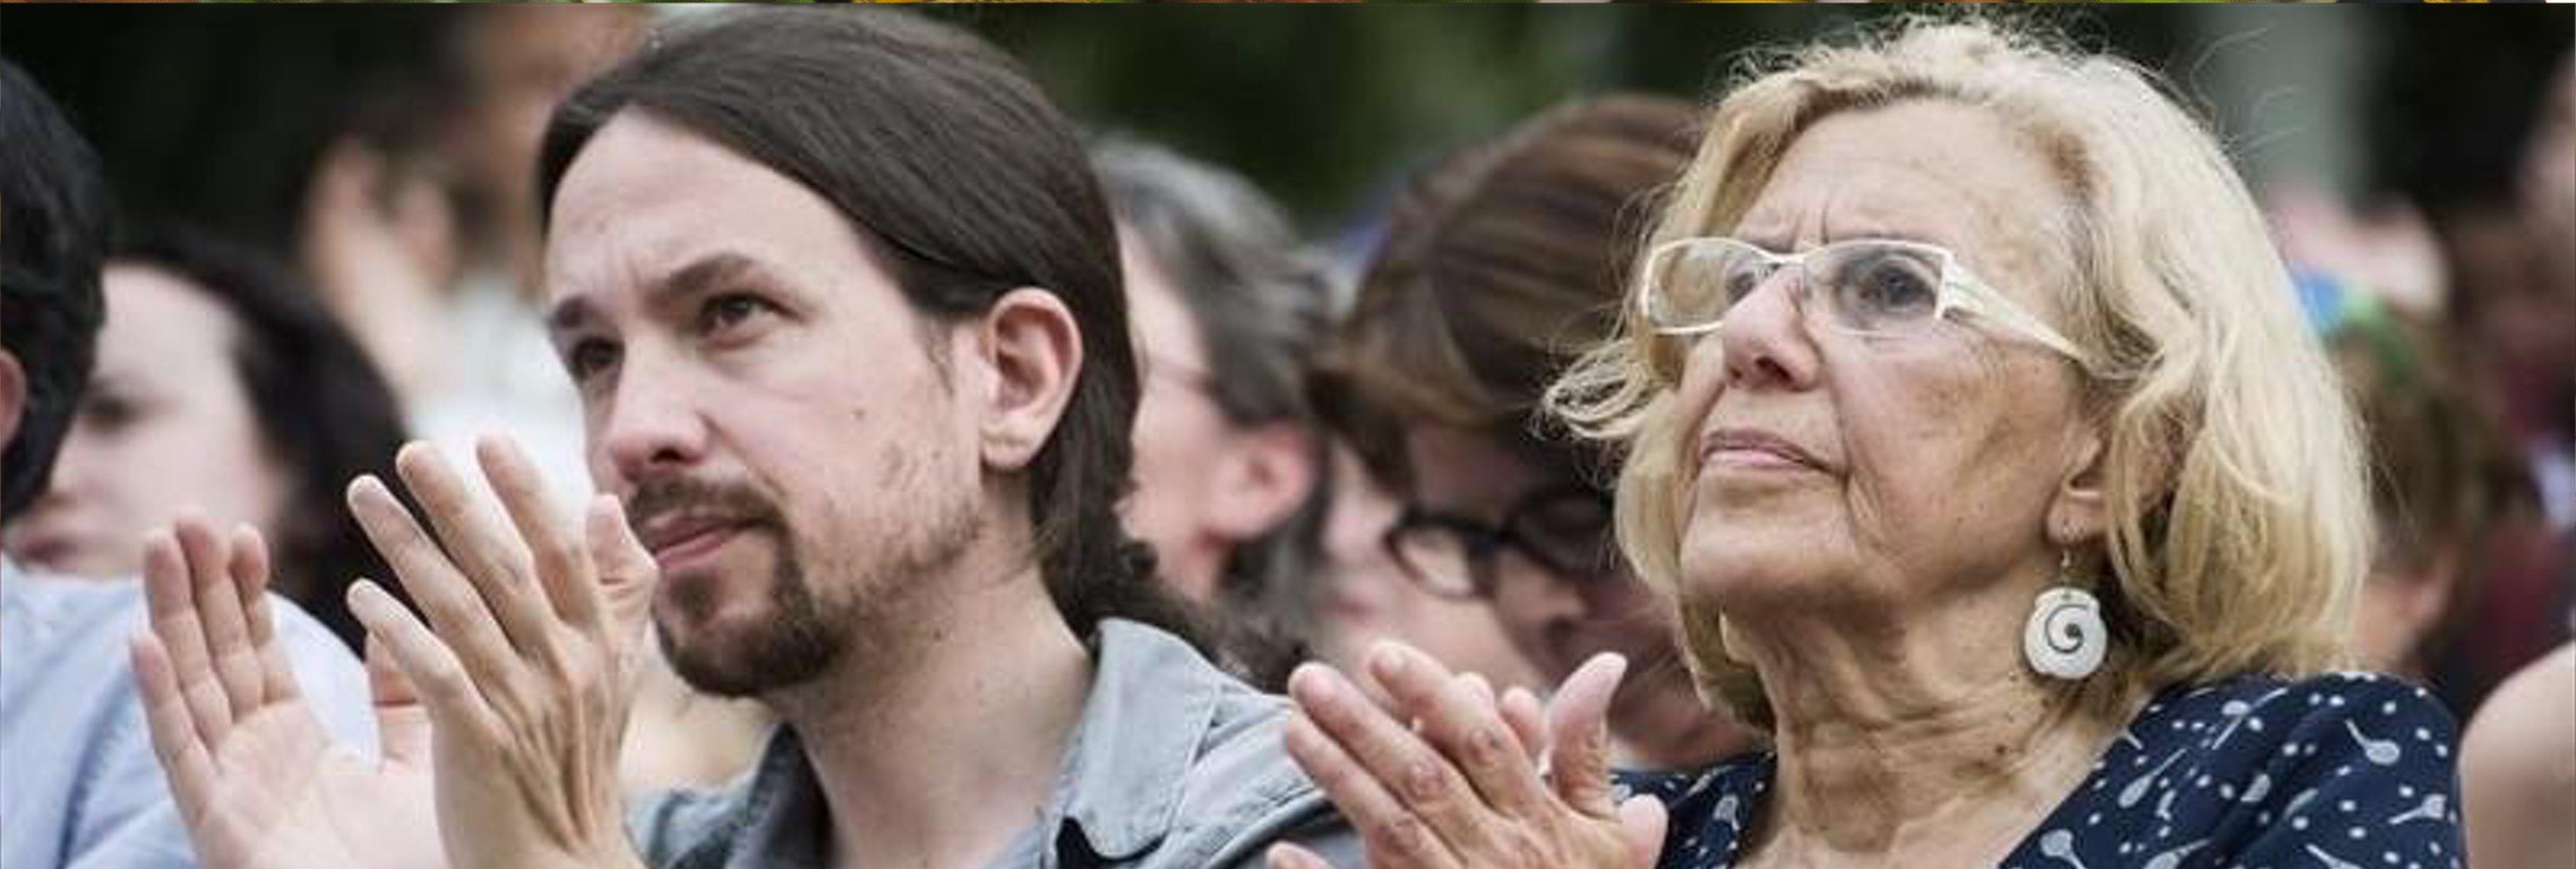 """Podemos carga contra Carmena por """"favorecer la corrupción urbanística"""""""